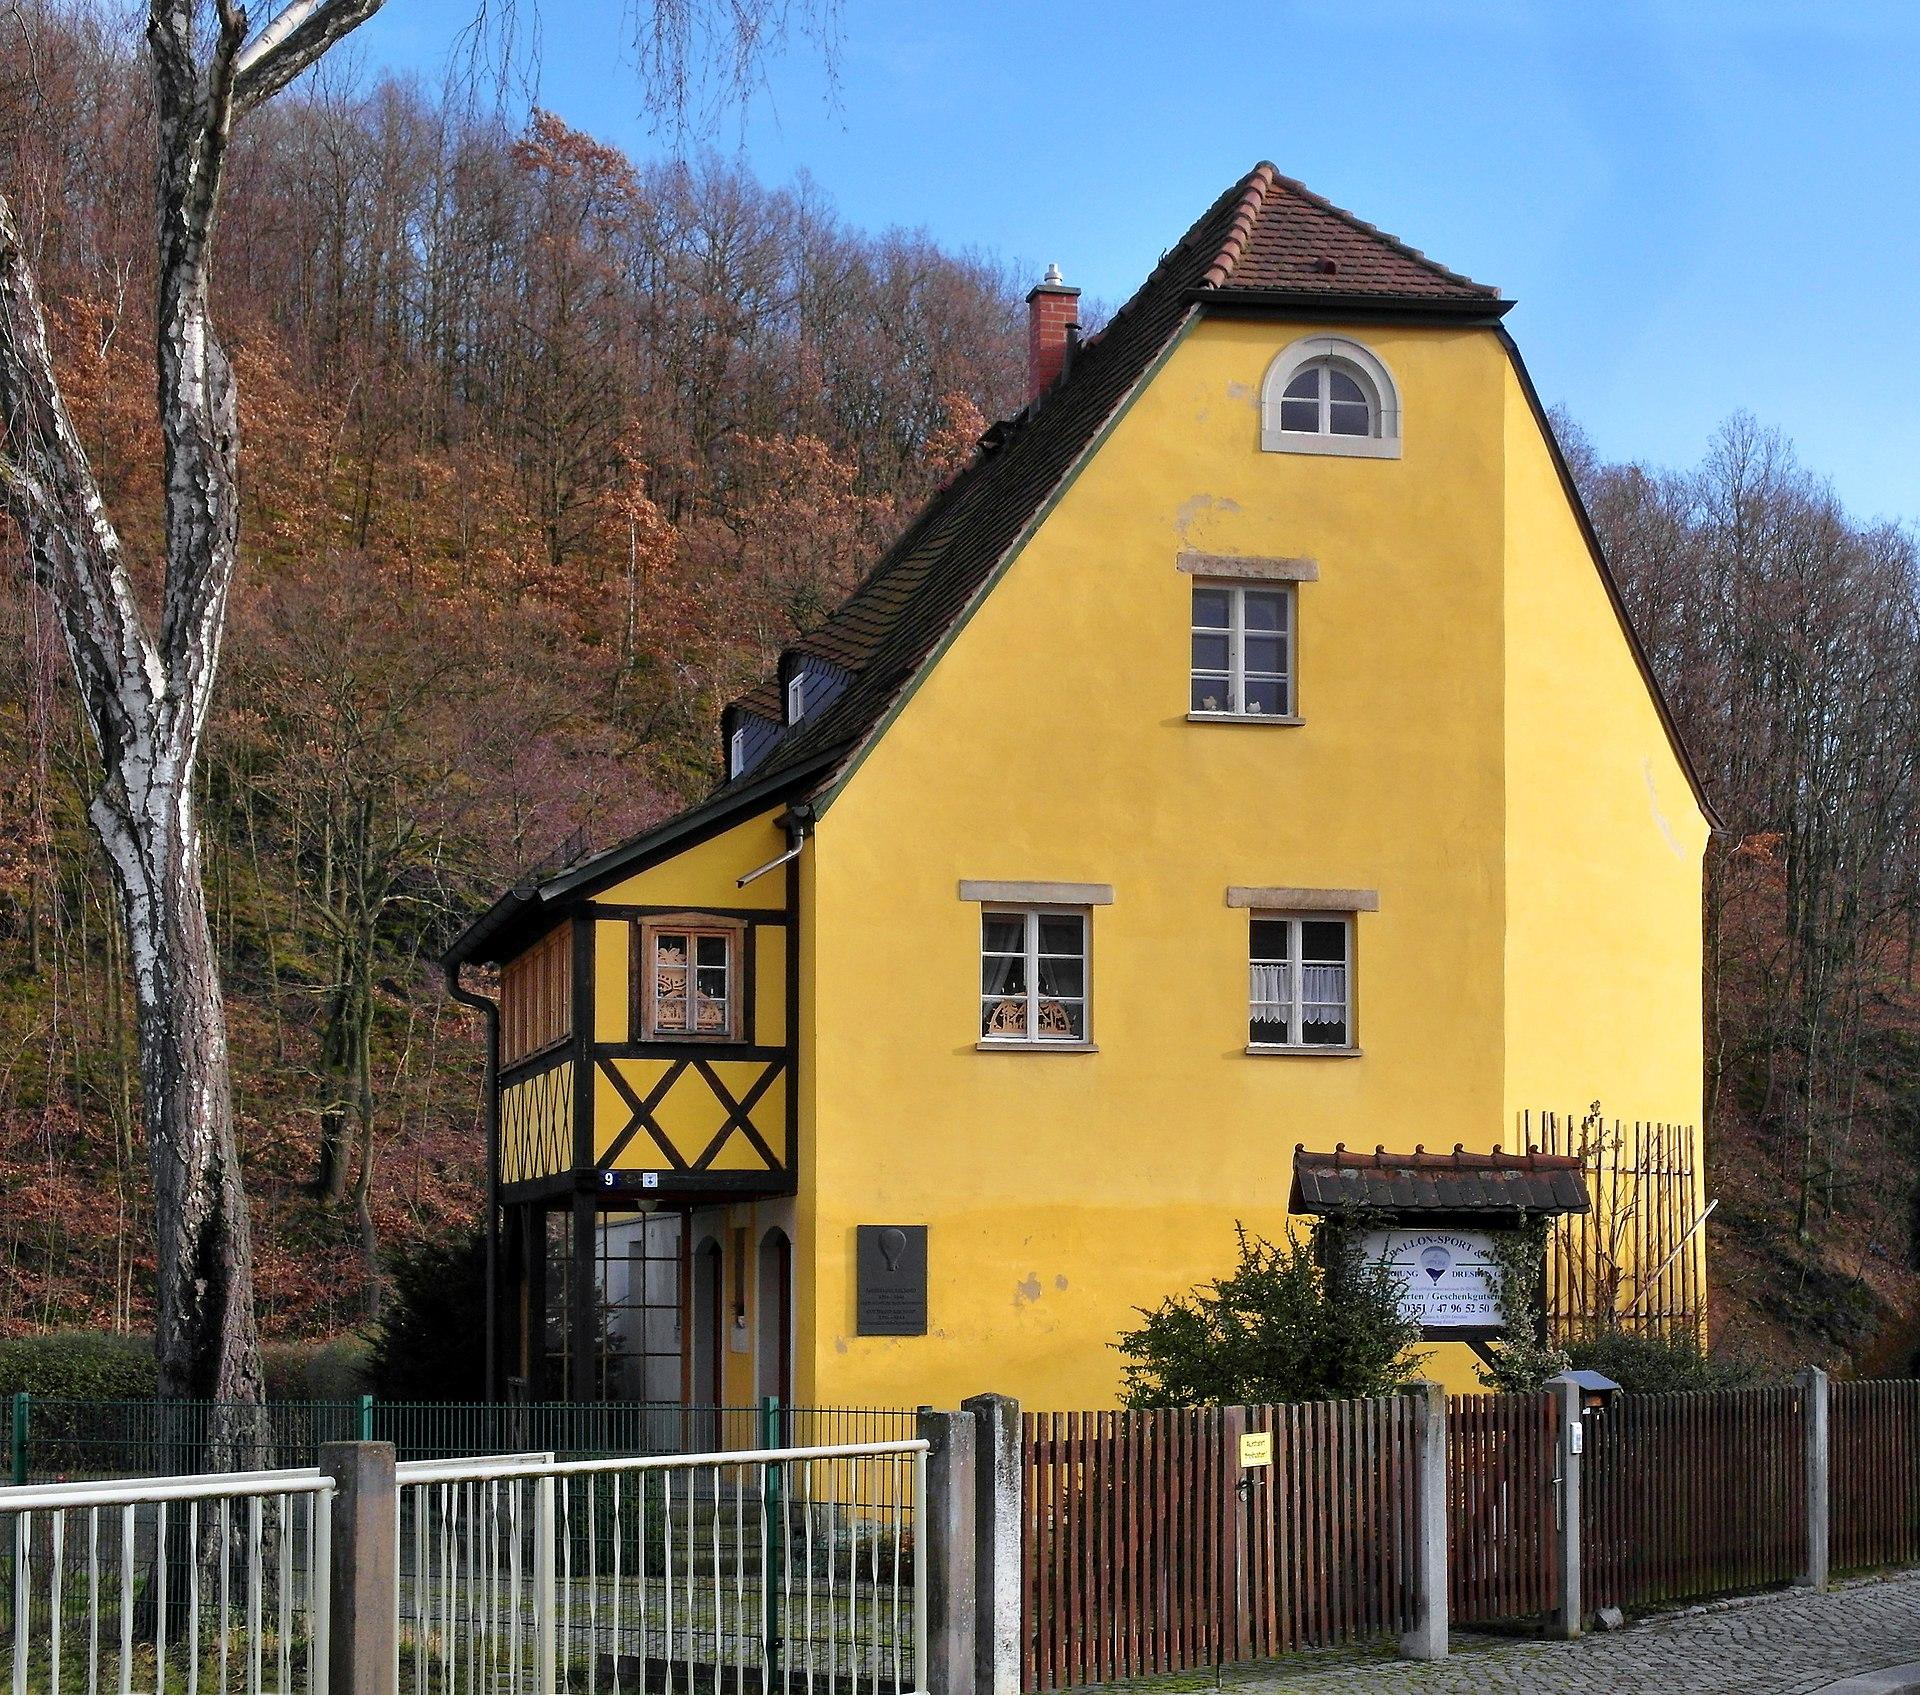 Reichardhaus Jörg Blobelt CC BY-SA 4.0